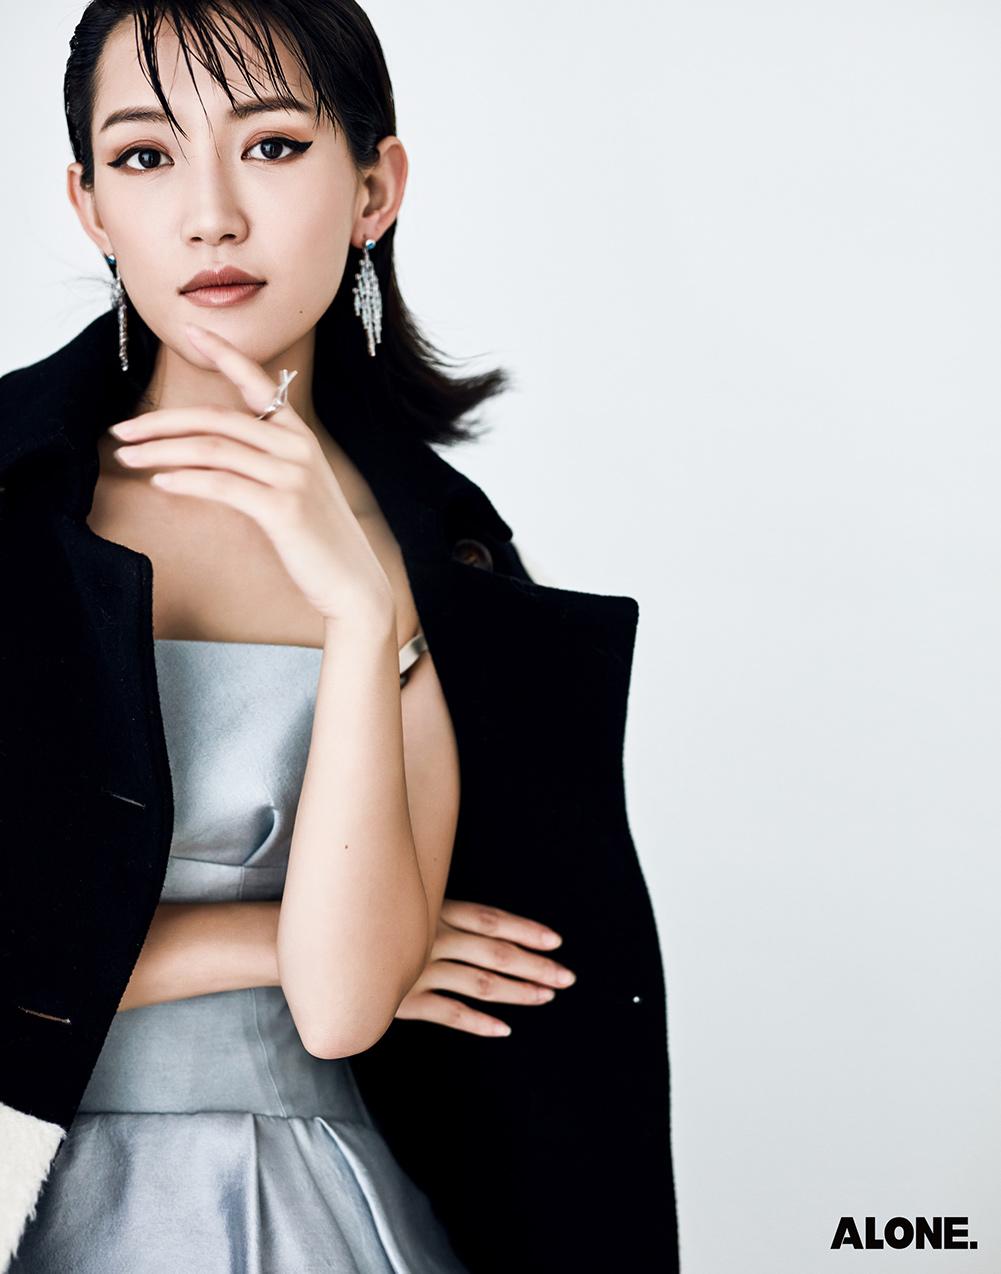 苏青的最新综艺《超新星全运会》也于每周四晚八点在腾讯视频独播,她与众星一起为竞技全力以赴,期待她在其中的精彩表现。